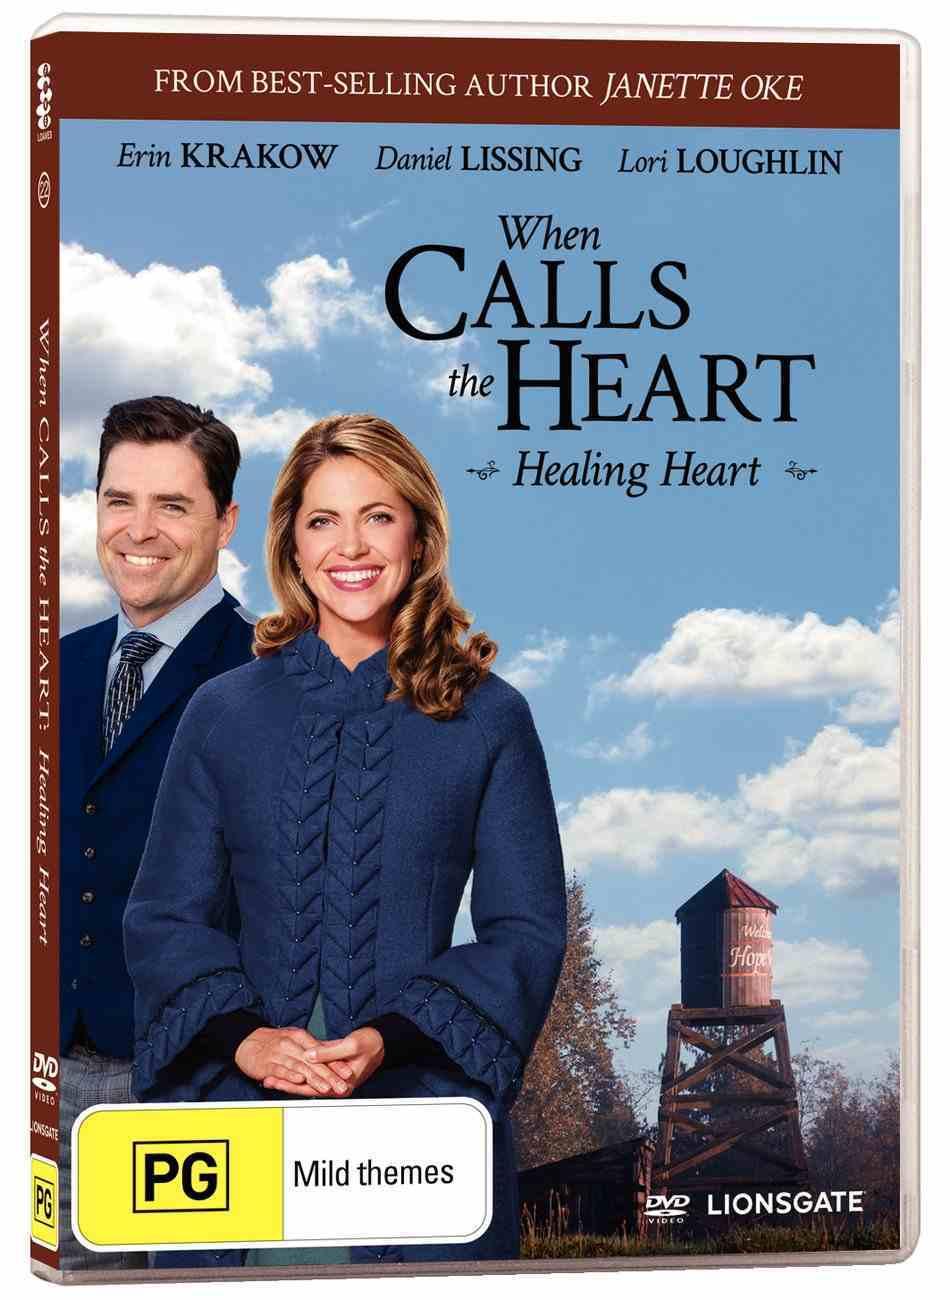 When Calls the Heart #22: Healing Heart DVD